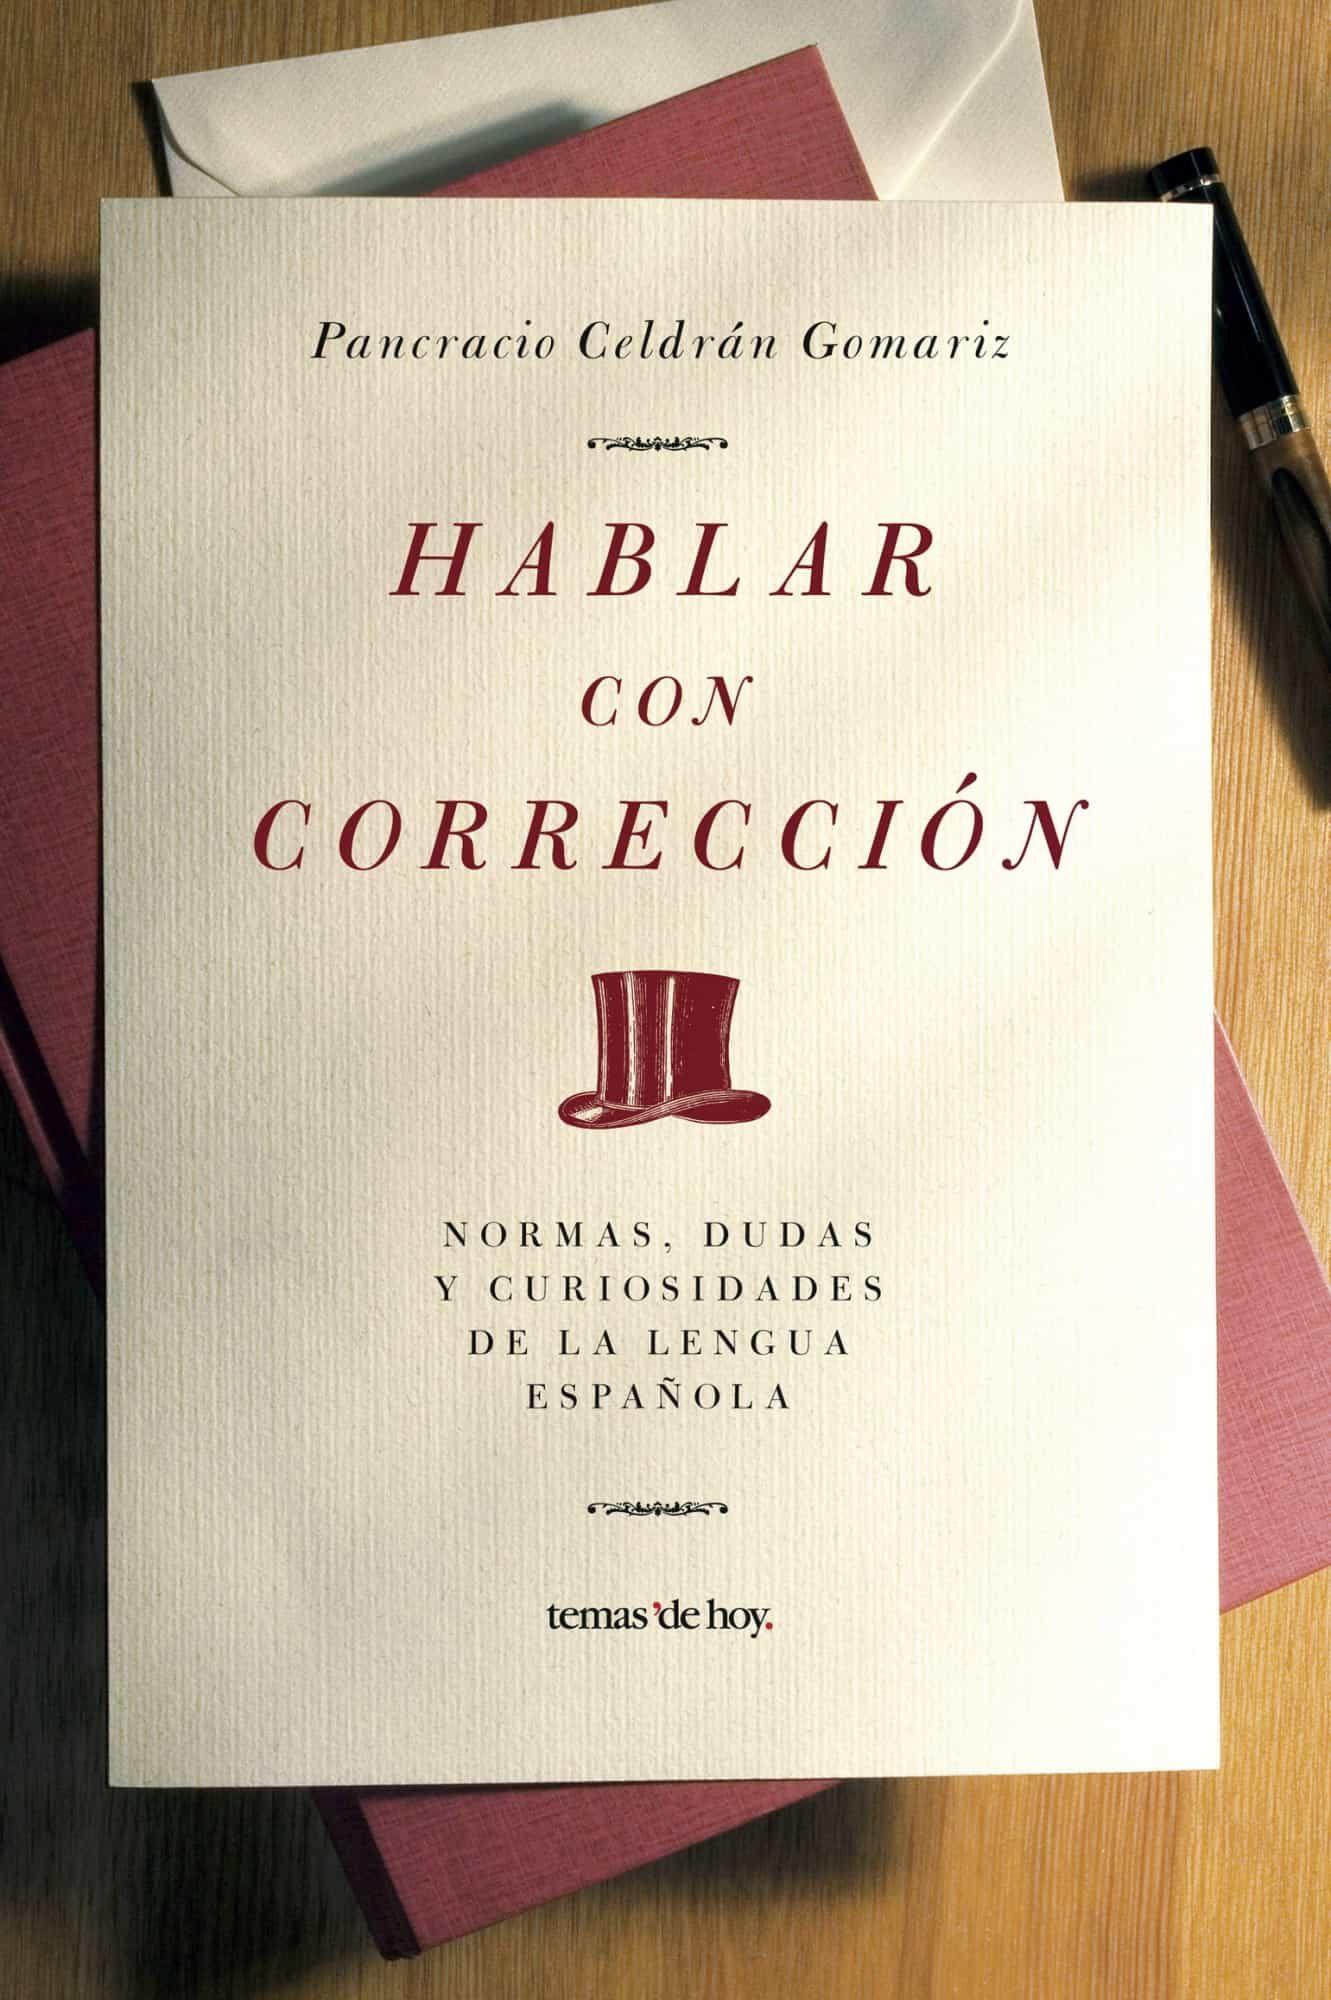 Hablar Con Correccion - Celdran Pancracio